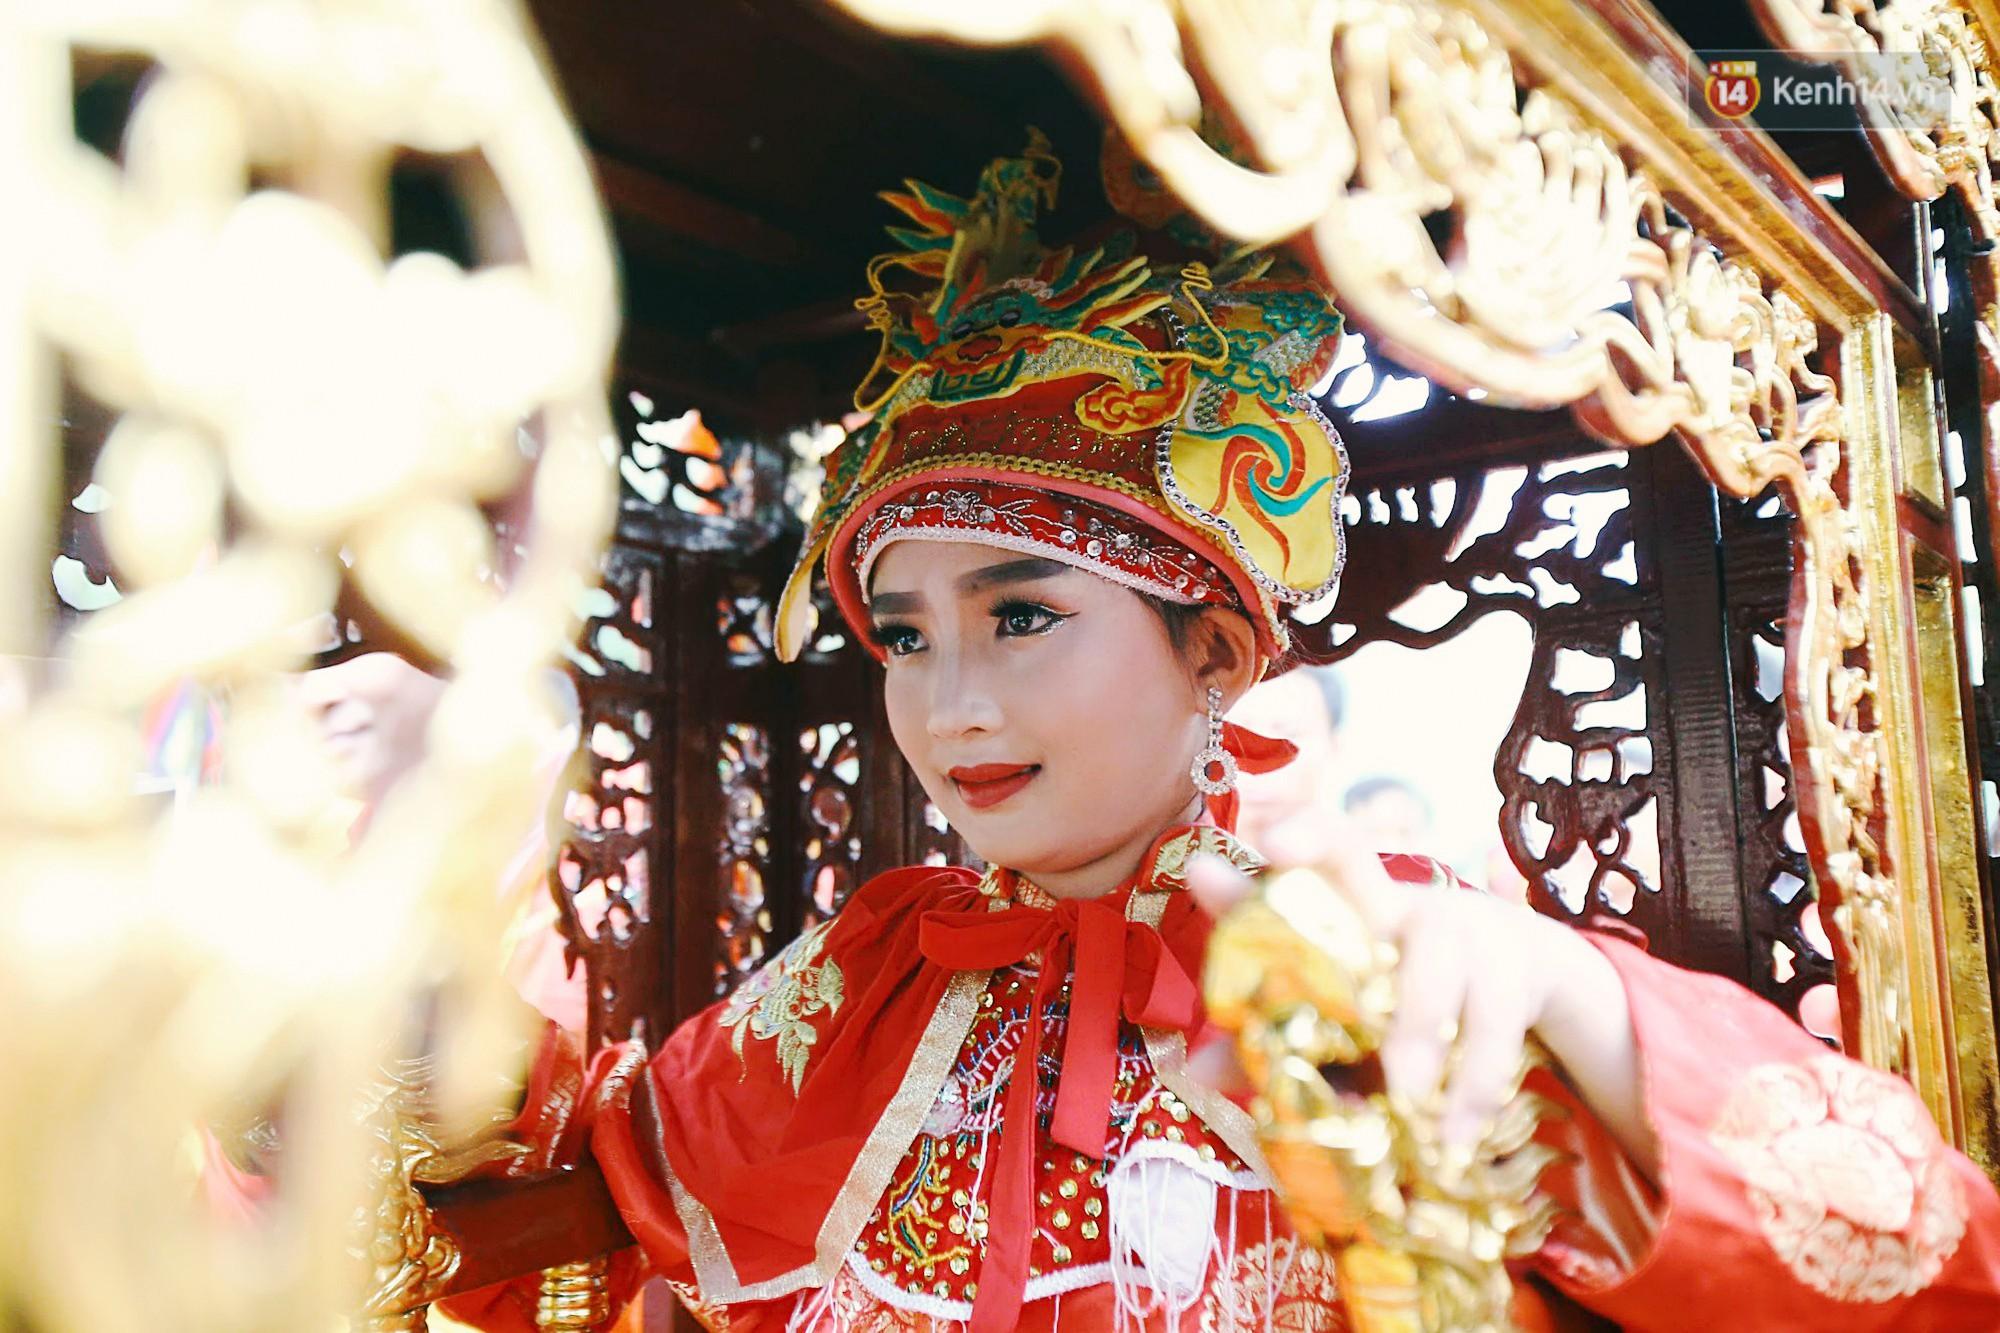 """Hà Nội: """"Tướng bà"""" 12 tuổi được ngồi trên kiệu, bảo vệ nghiêm ngặt tránh bị bắt cóc ở hội Gióng - Ảnh 6."""